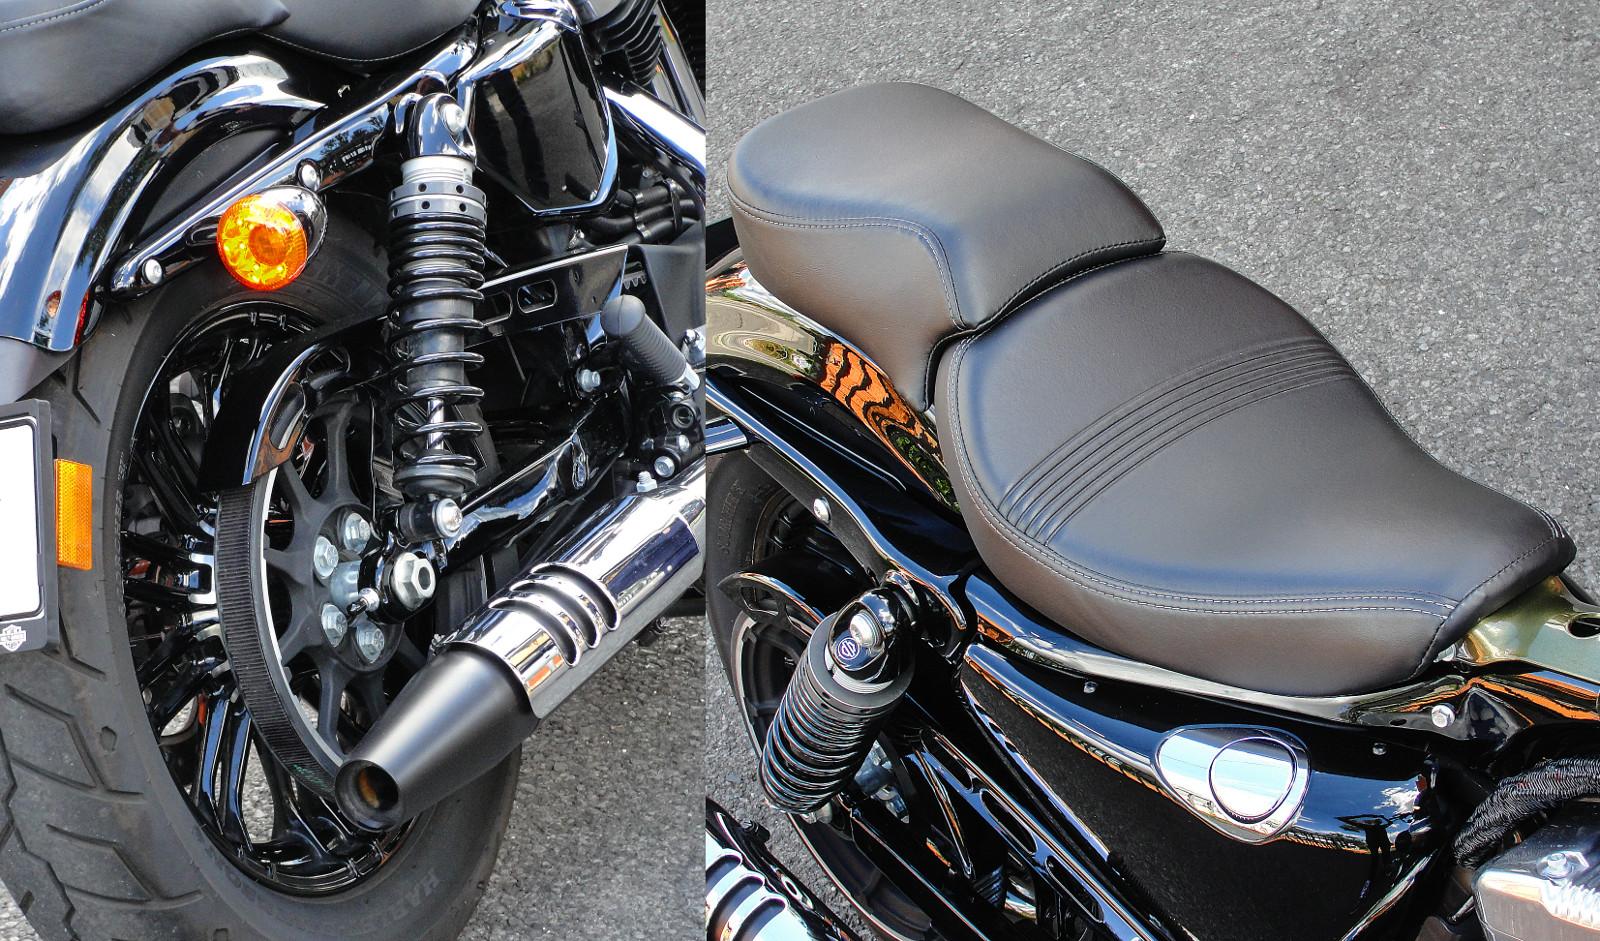 Tipikus Harley: szíjhajtás és szivarvégre emlékeztető kipufogó. Kétüléses kivitelben is elérhető a Forty-Eight, de a hátsó ülés egészen apró